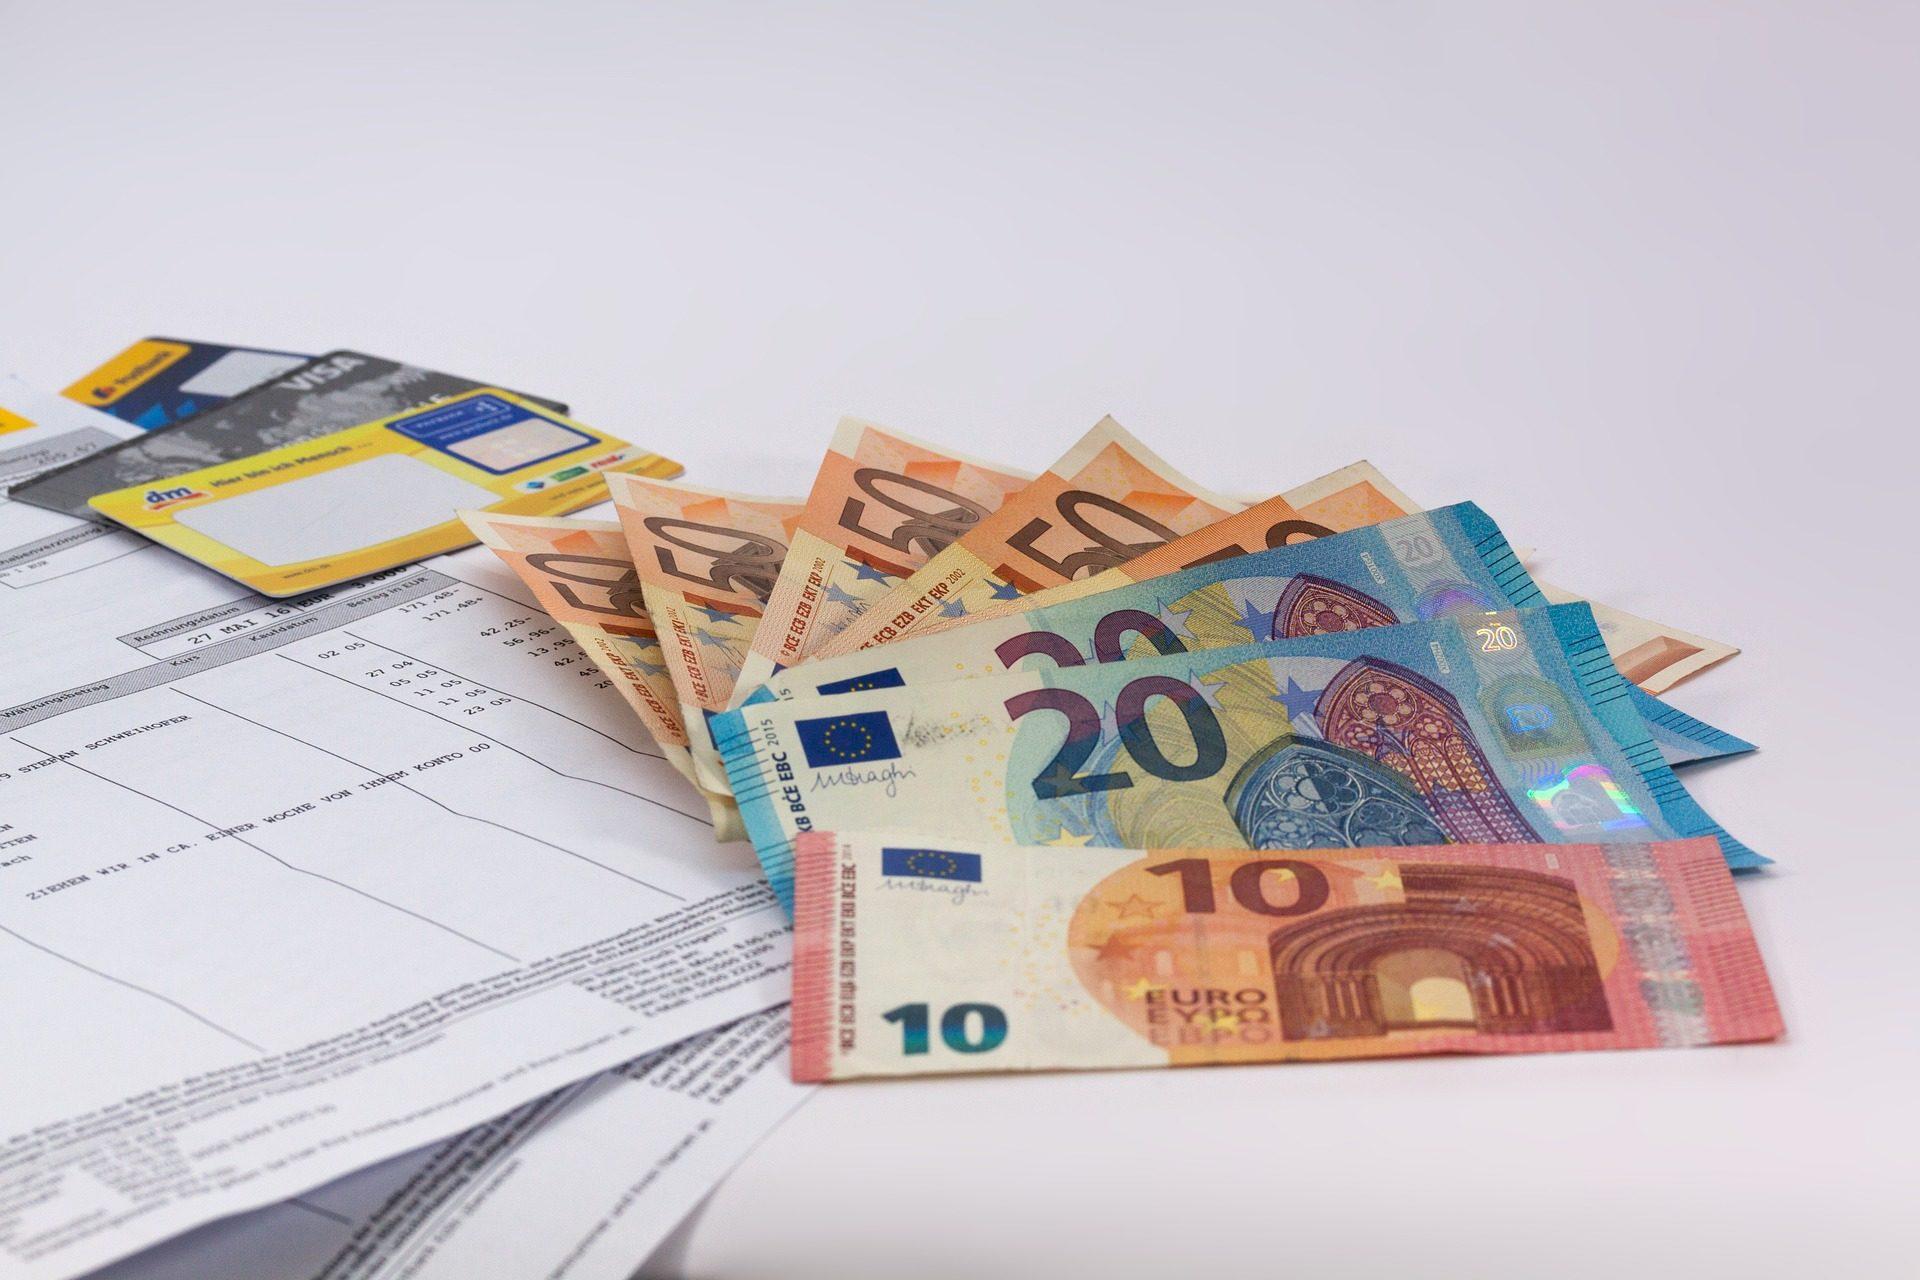 das Bild zeigt Euro Scheine